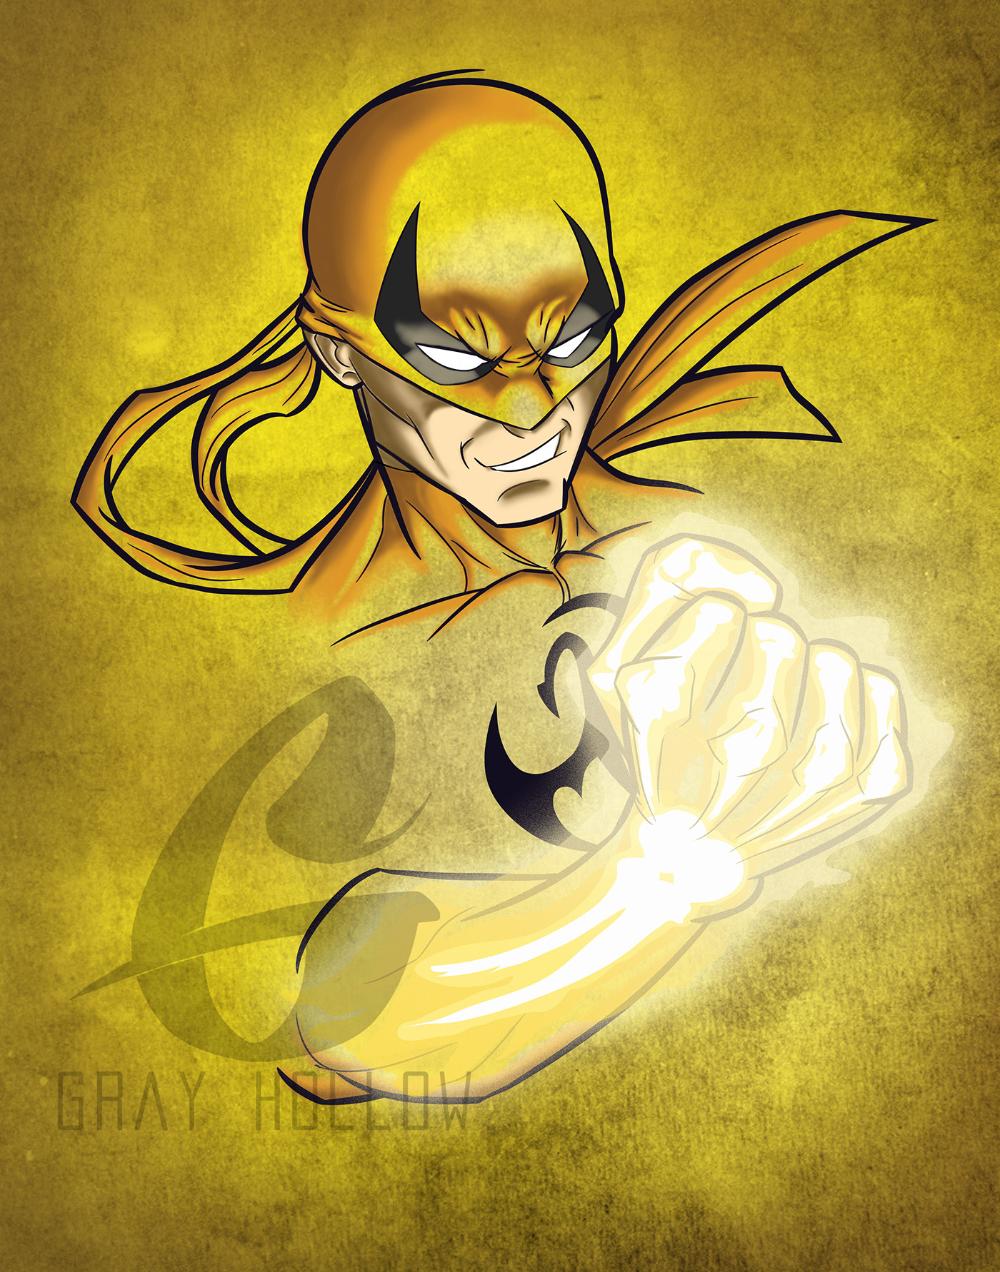 Iron Fist Fanart On Behance Iron Fist Marvel Superhero Wallpaper Iron Fist